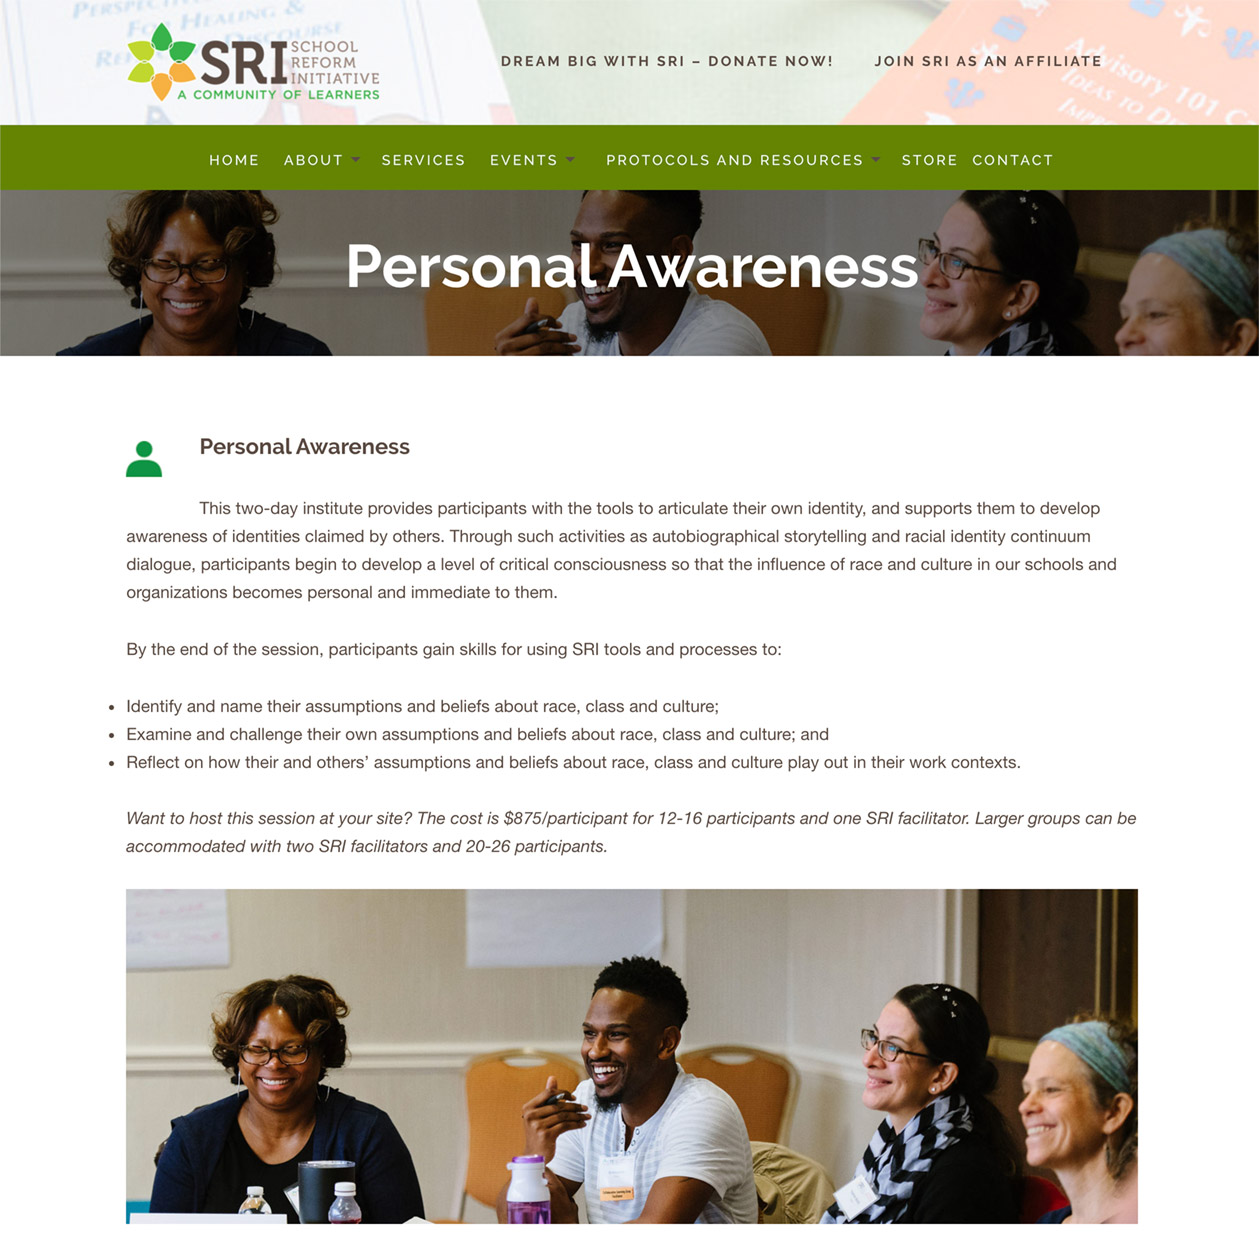 Personal Awareness